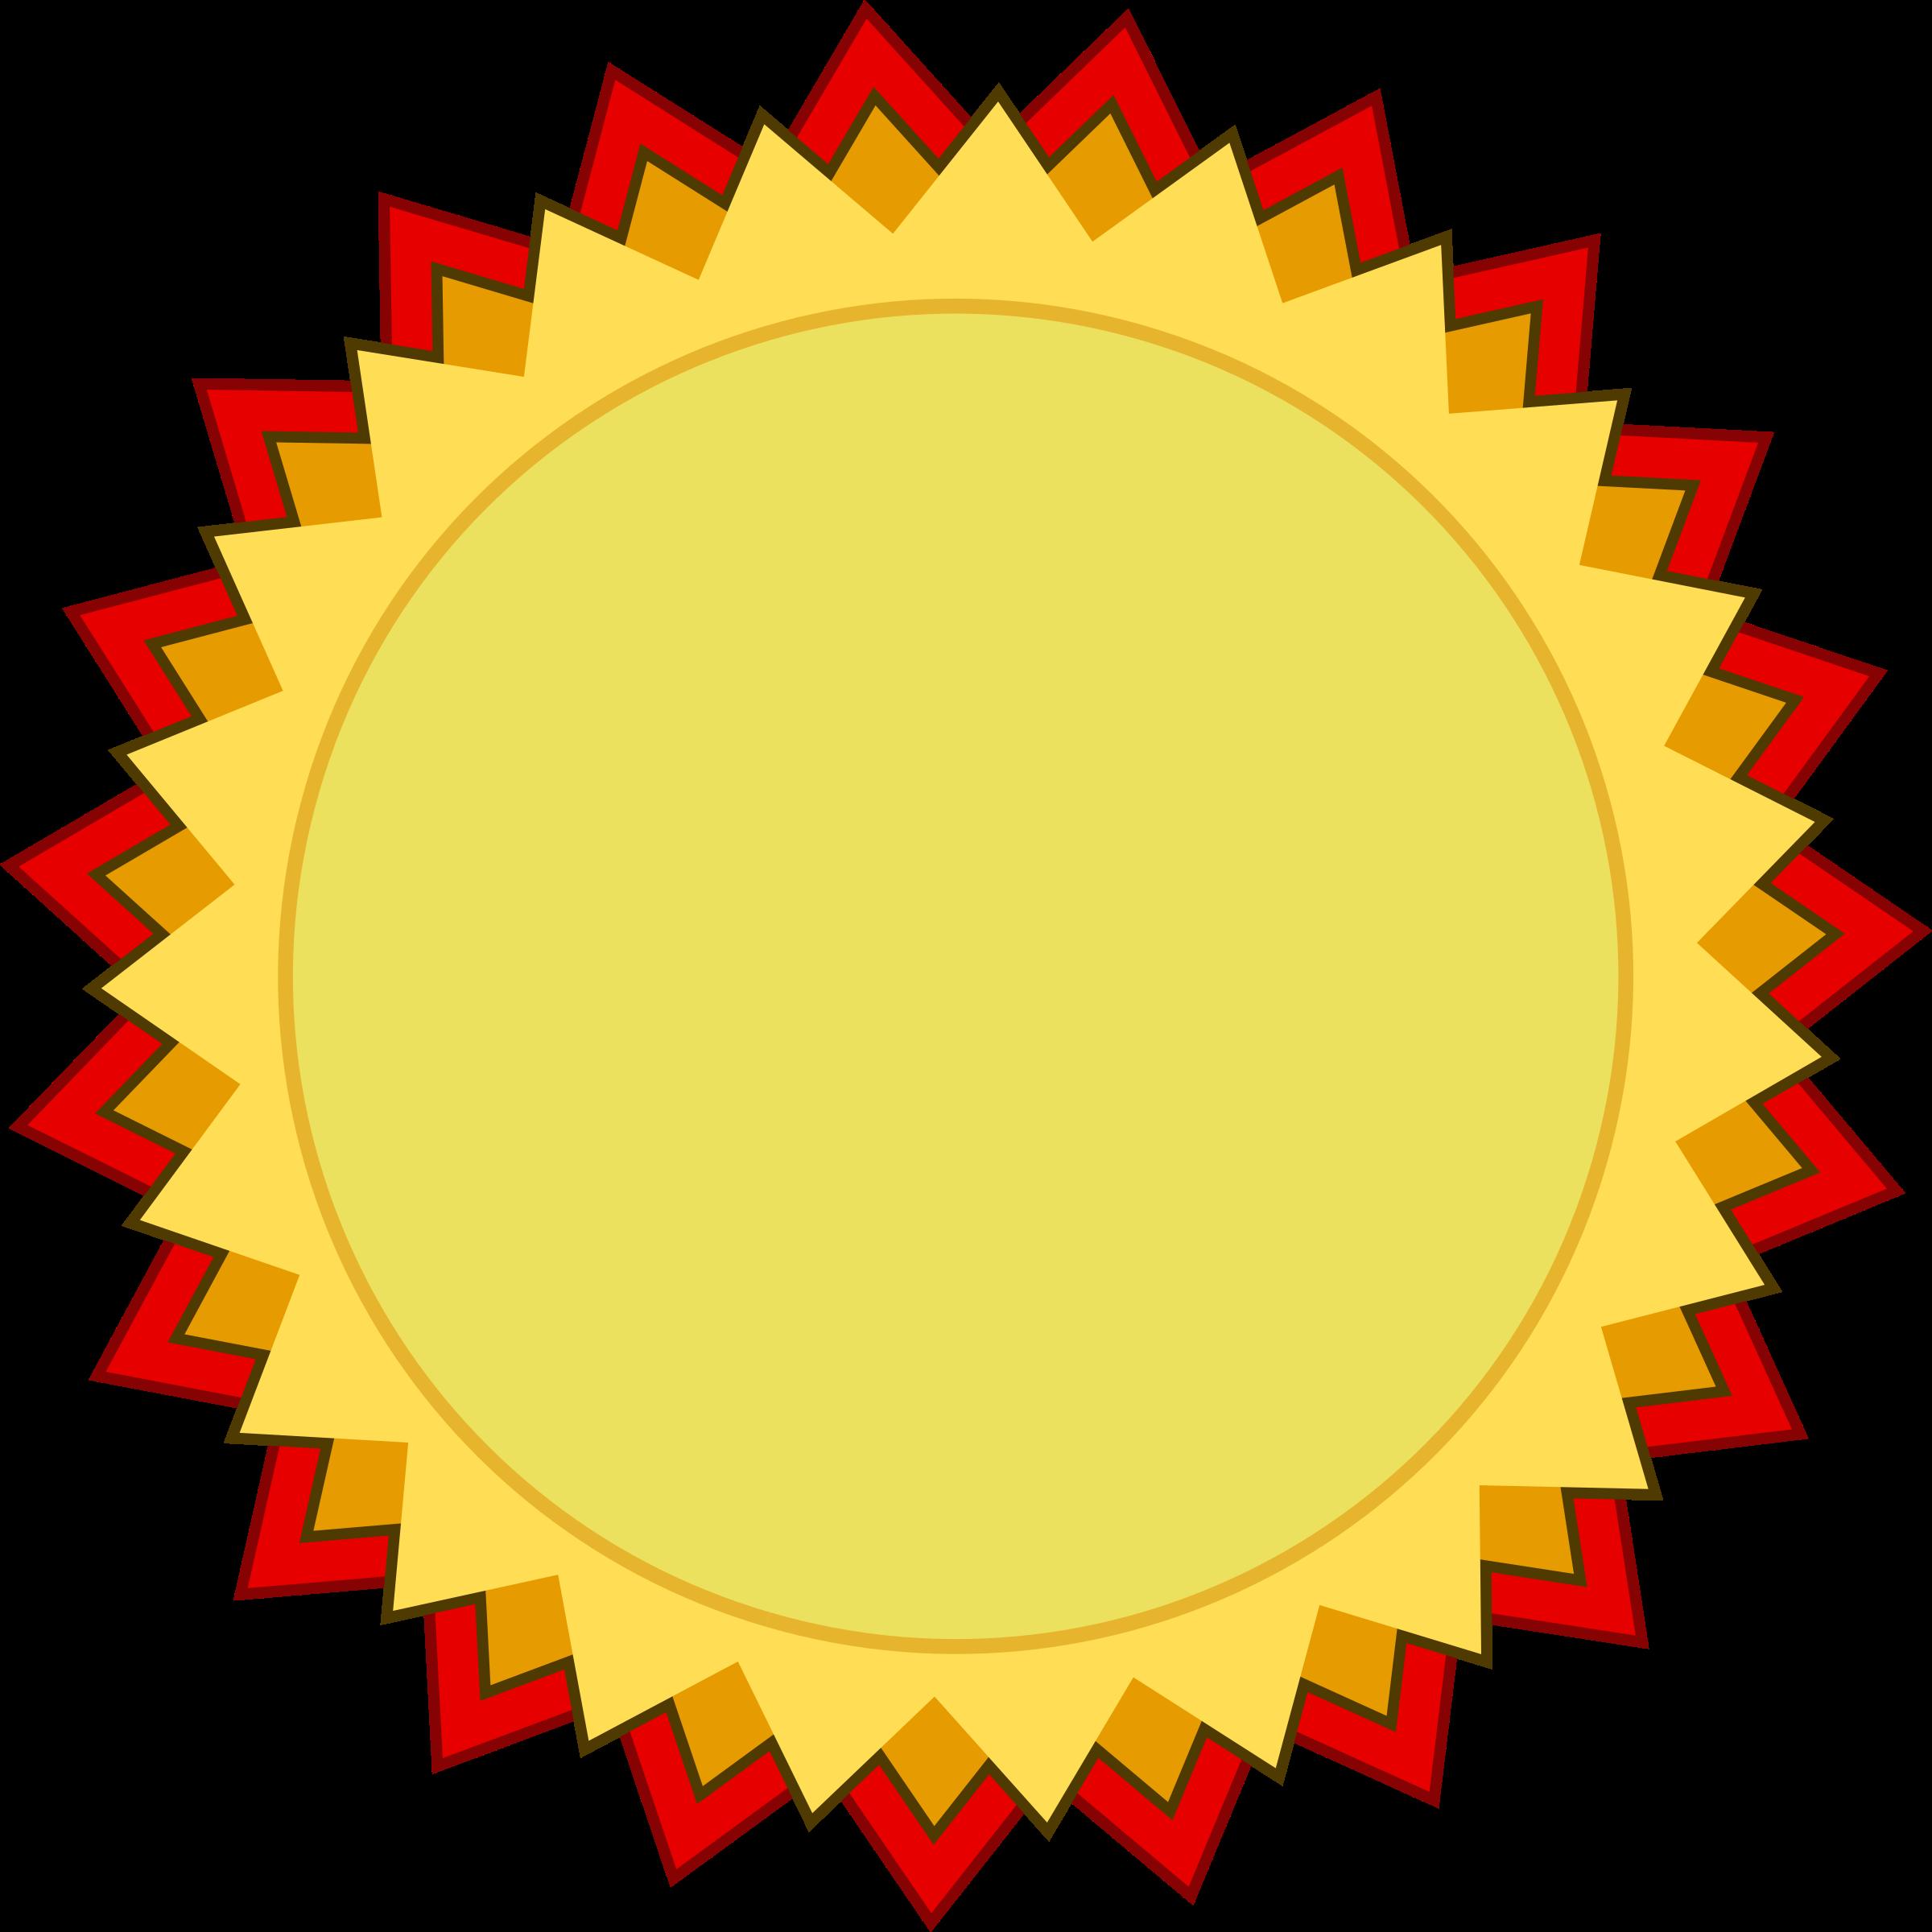 Achievement Award Clip Art